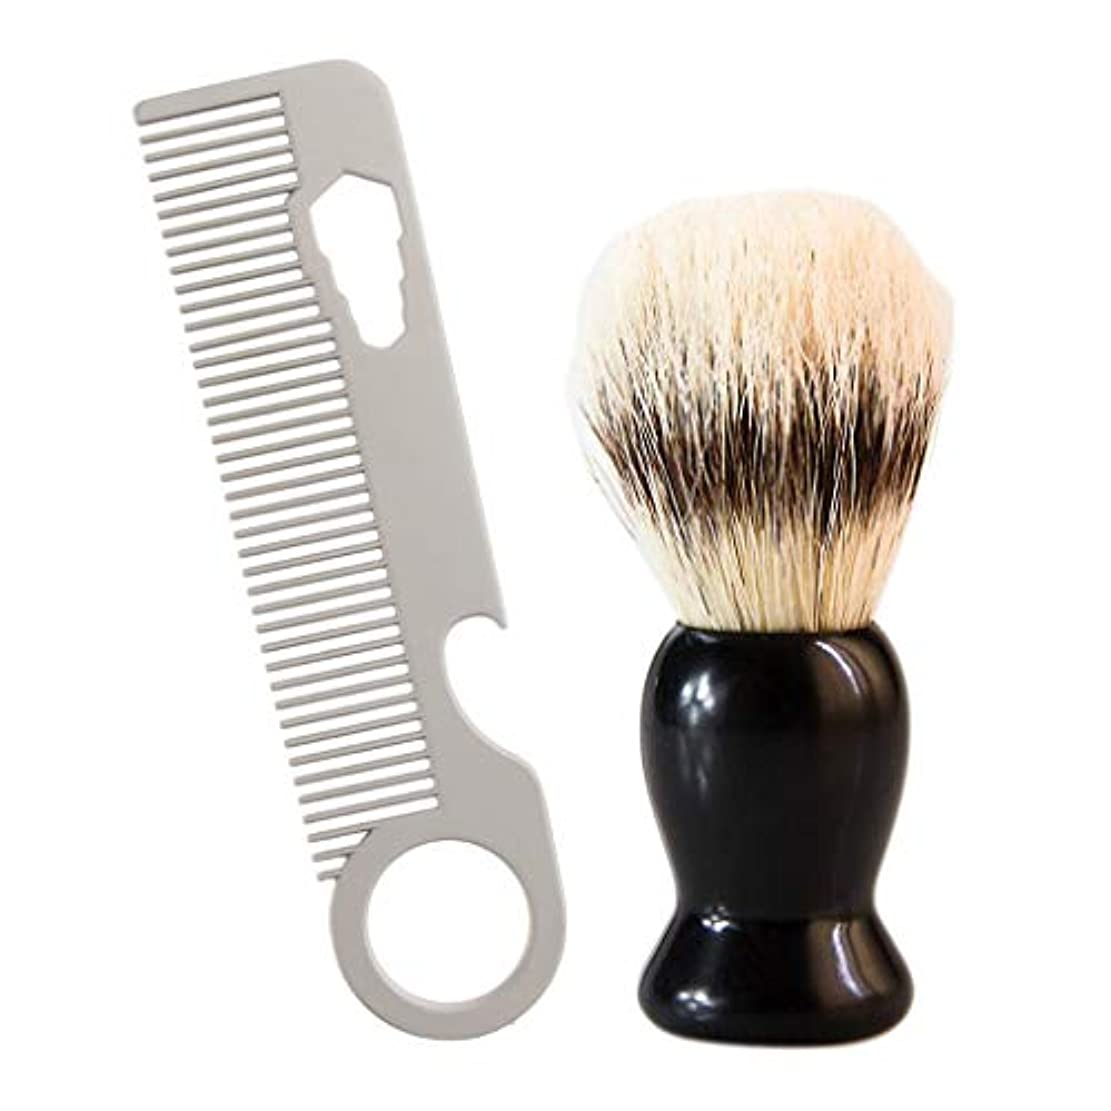 効率失う負sharprepublic 2個 メンズ用 ひげ剃り櫛 シェービングブラシ 理容 洗顔 髭剃り キャンプ 旅行 家庭